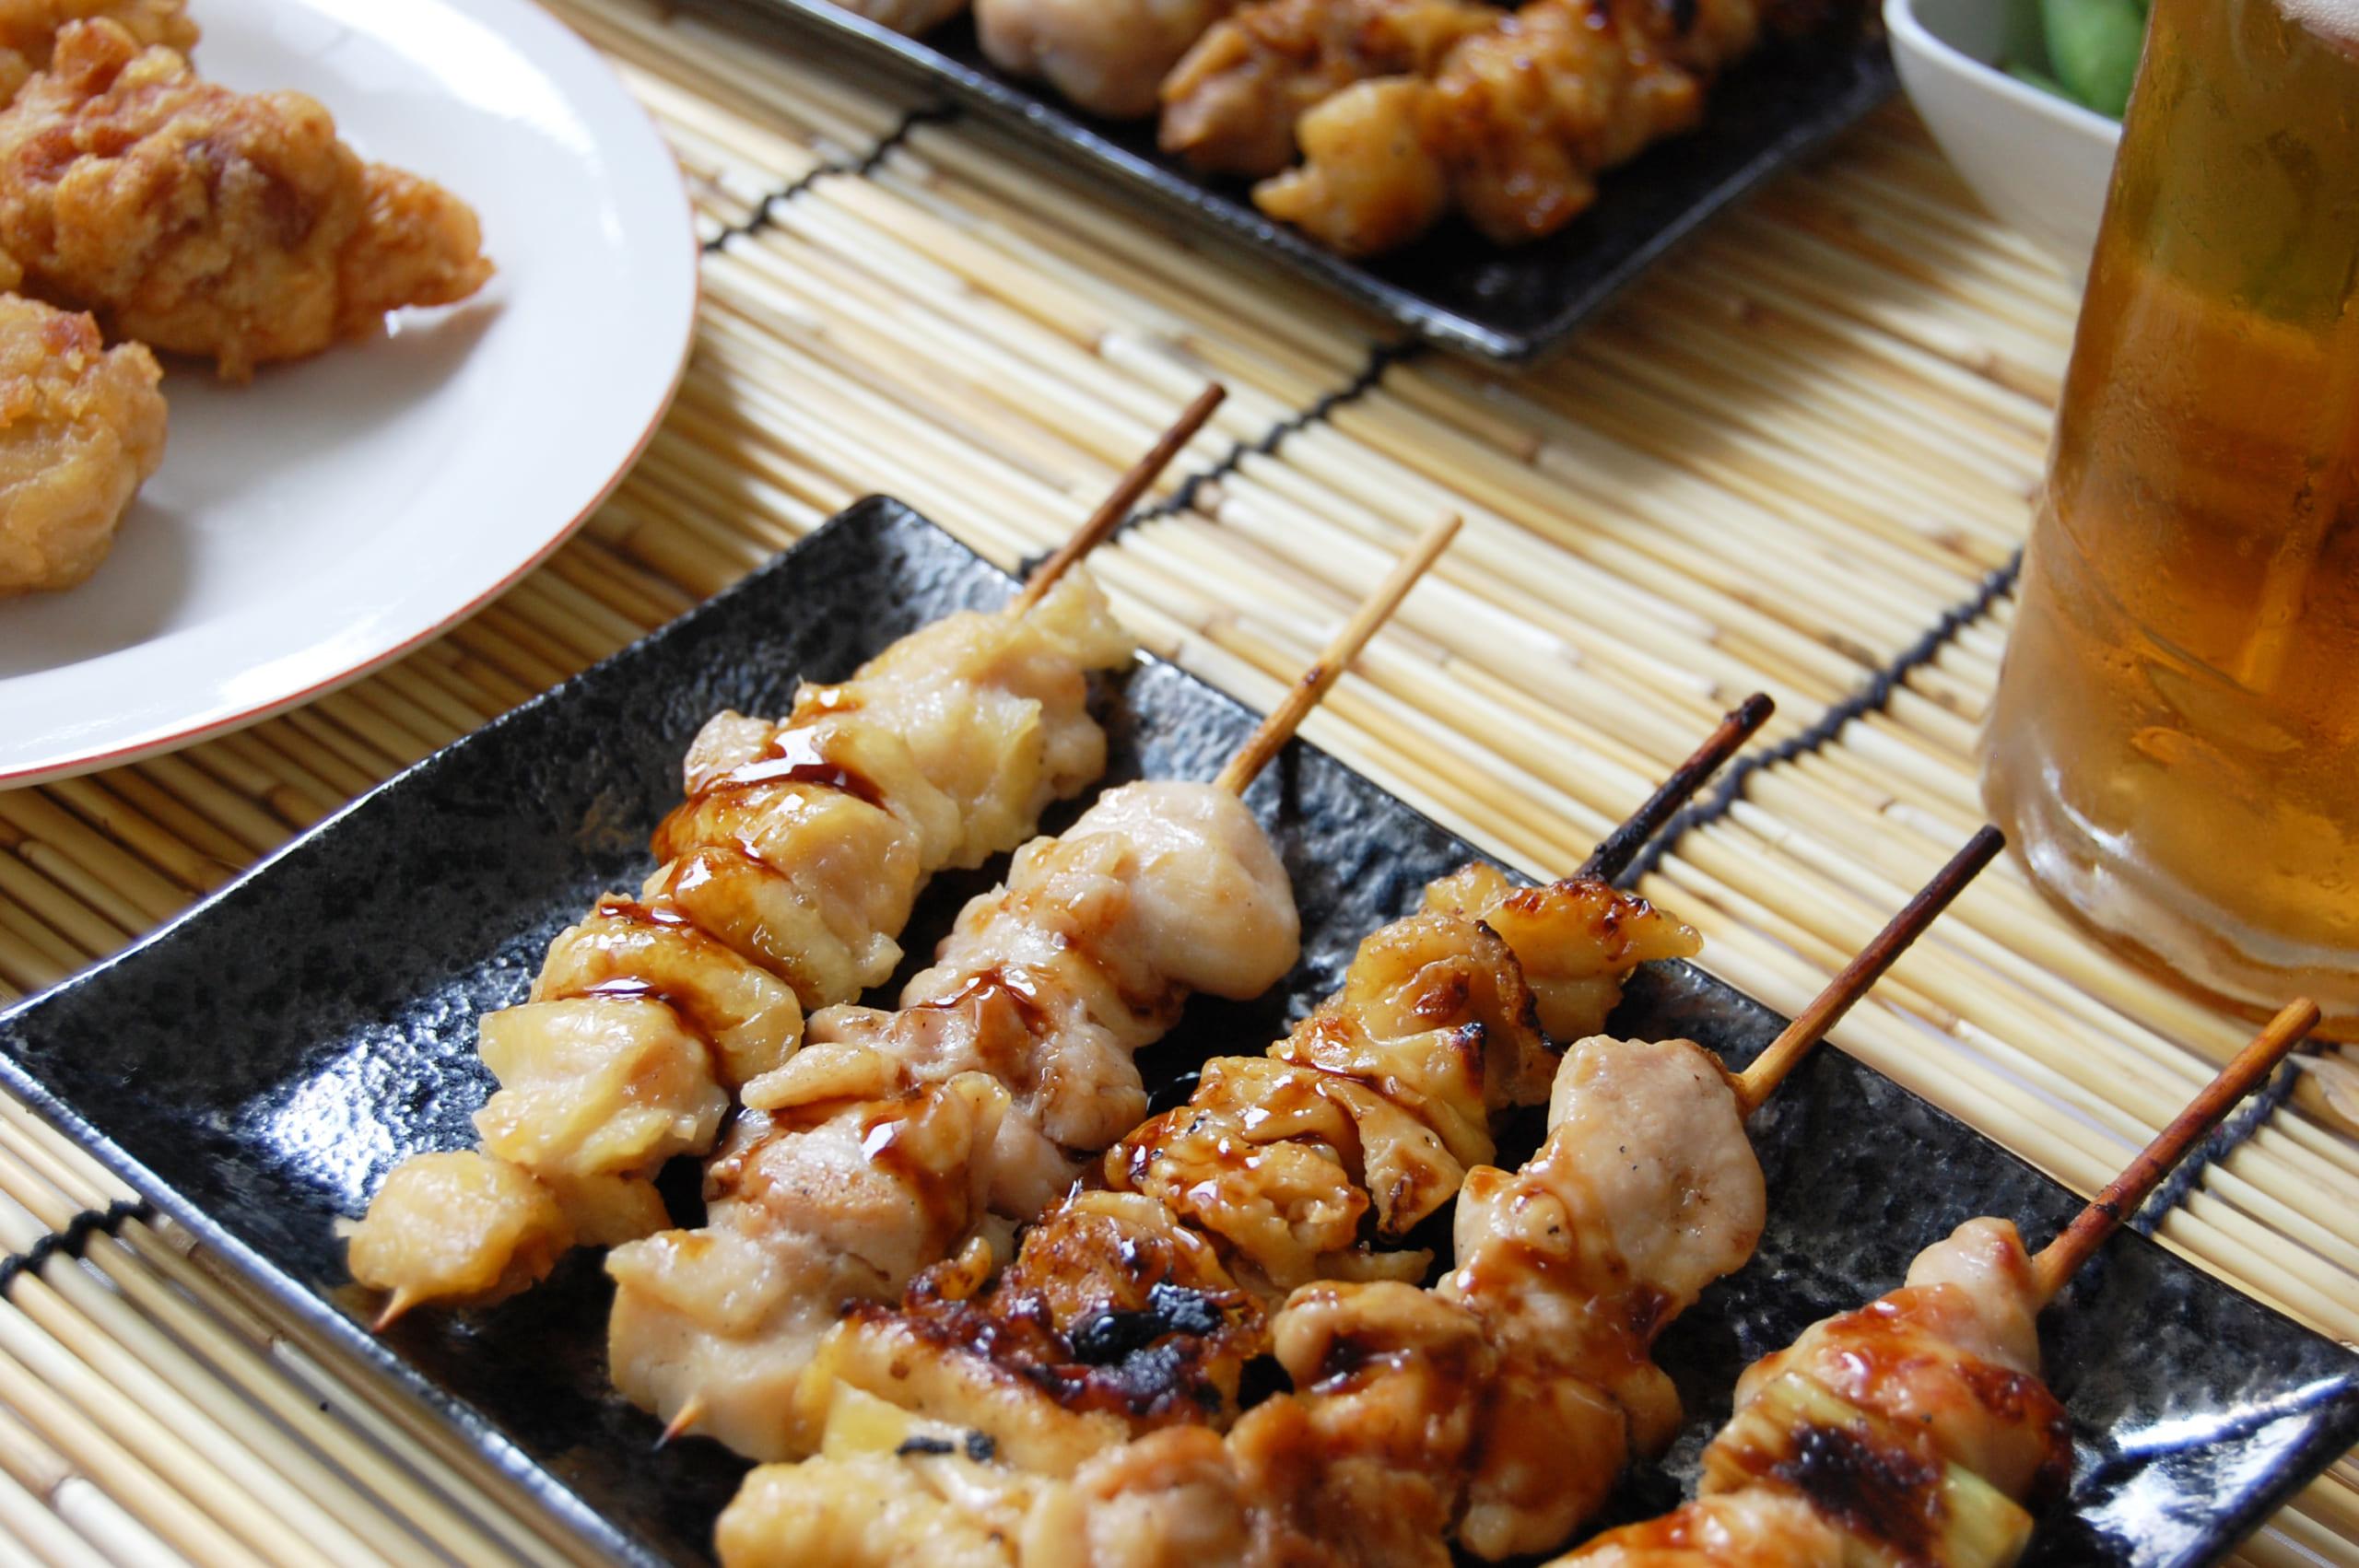 焼き鳥を串から外して食べますか?